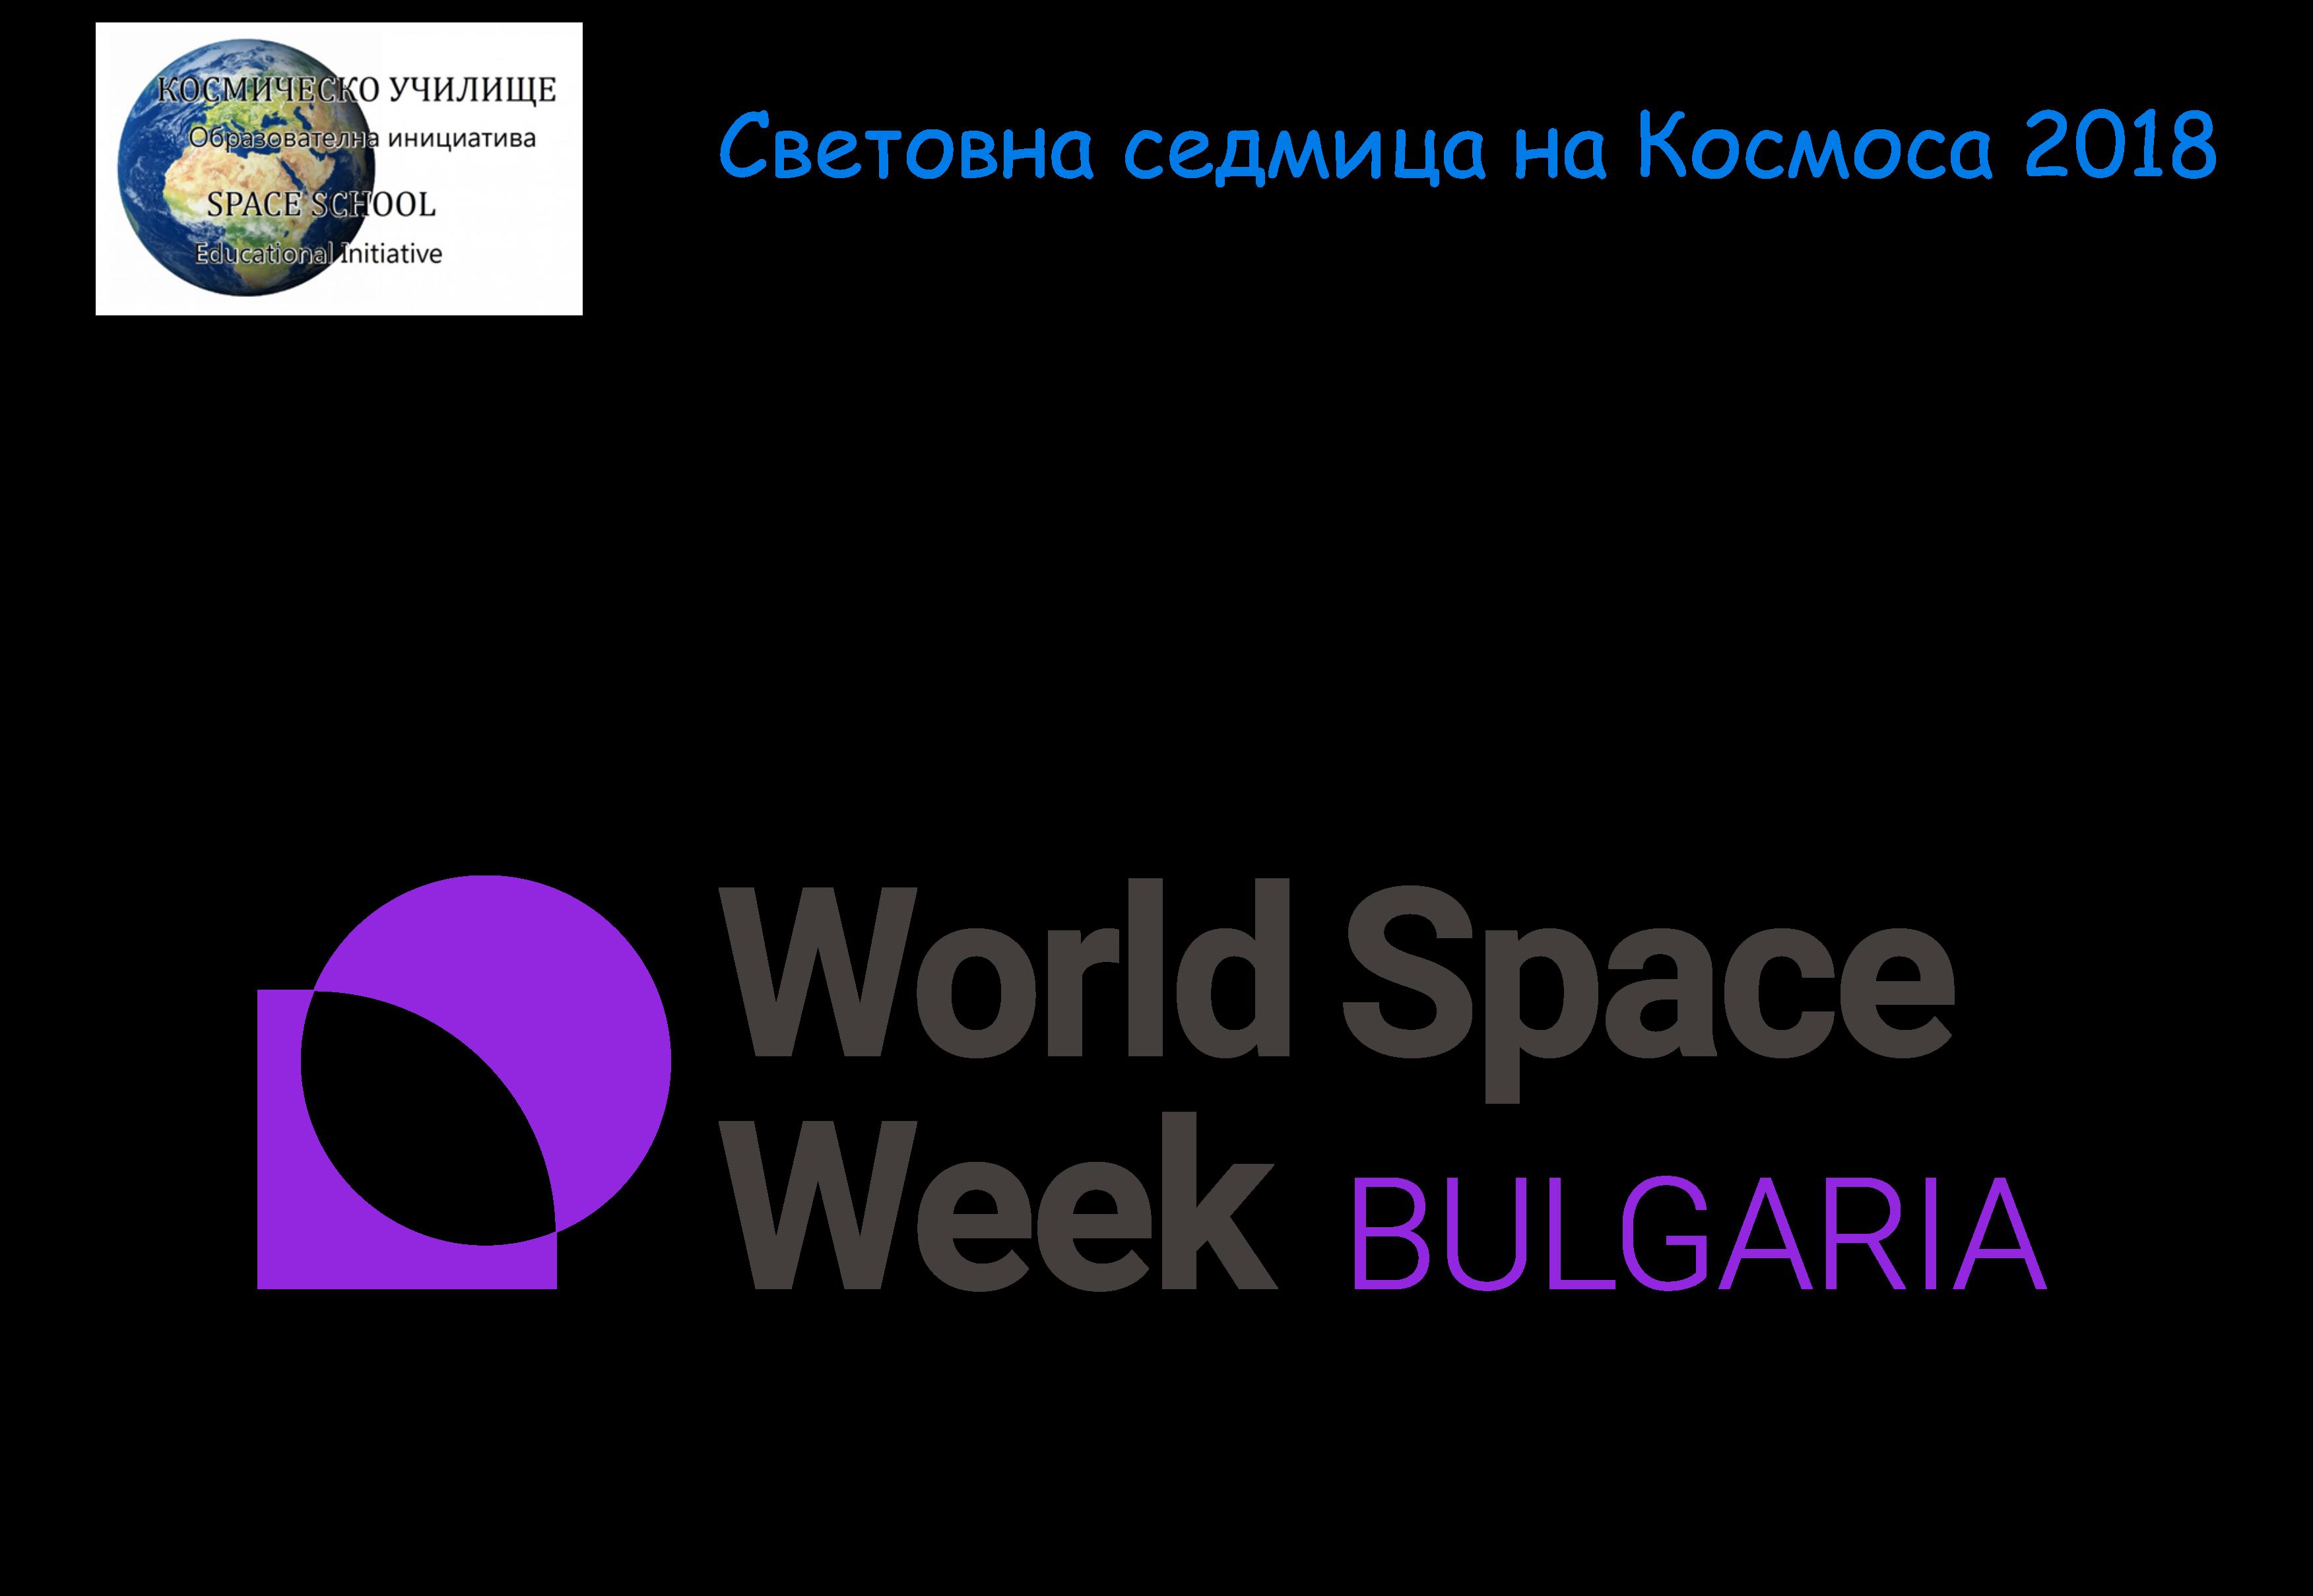 Permalink to:Световна седмица на Космоса 2018